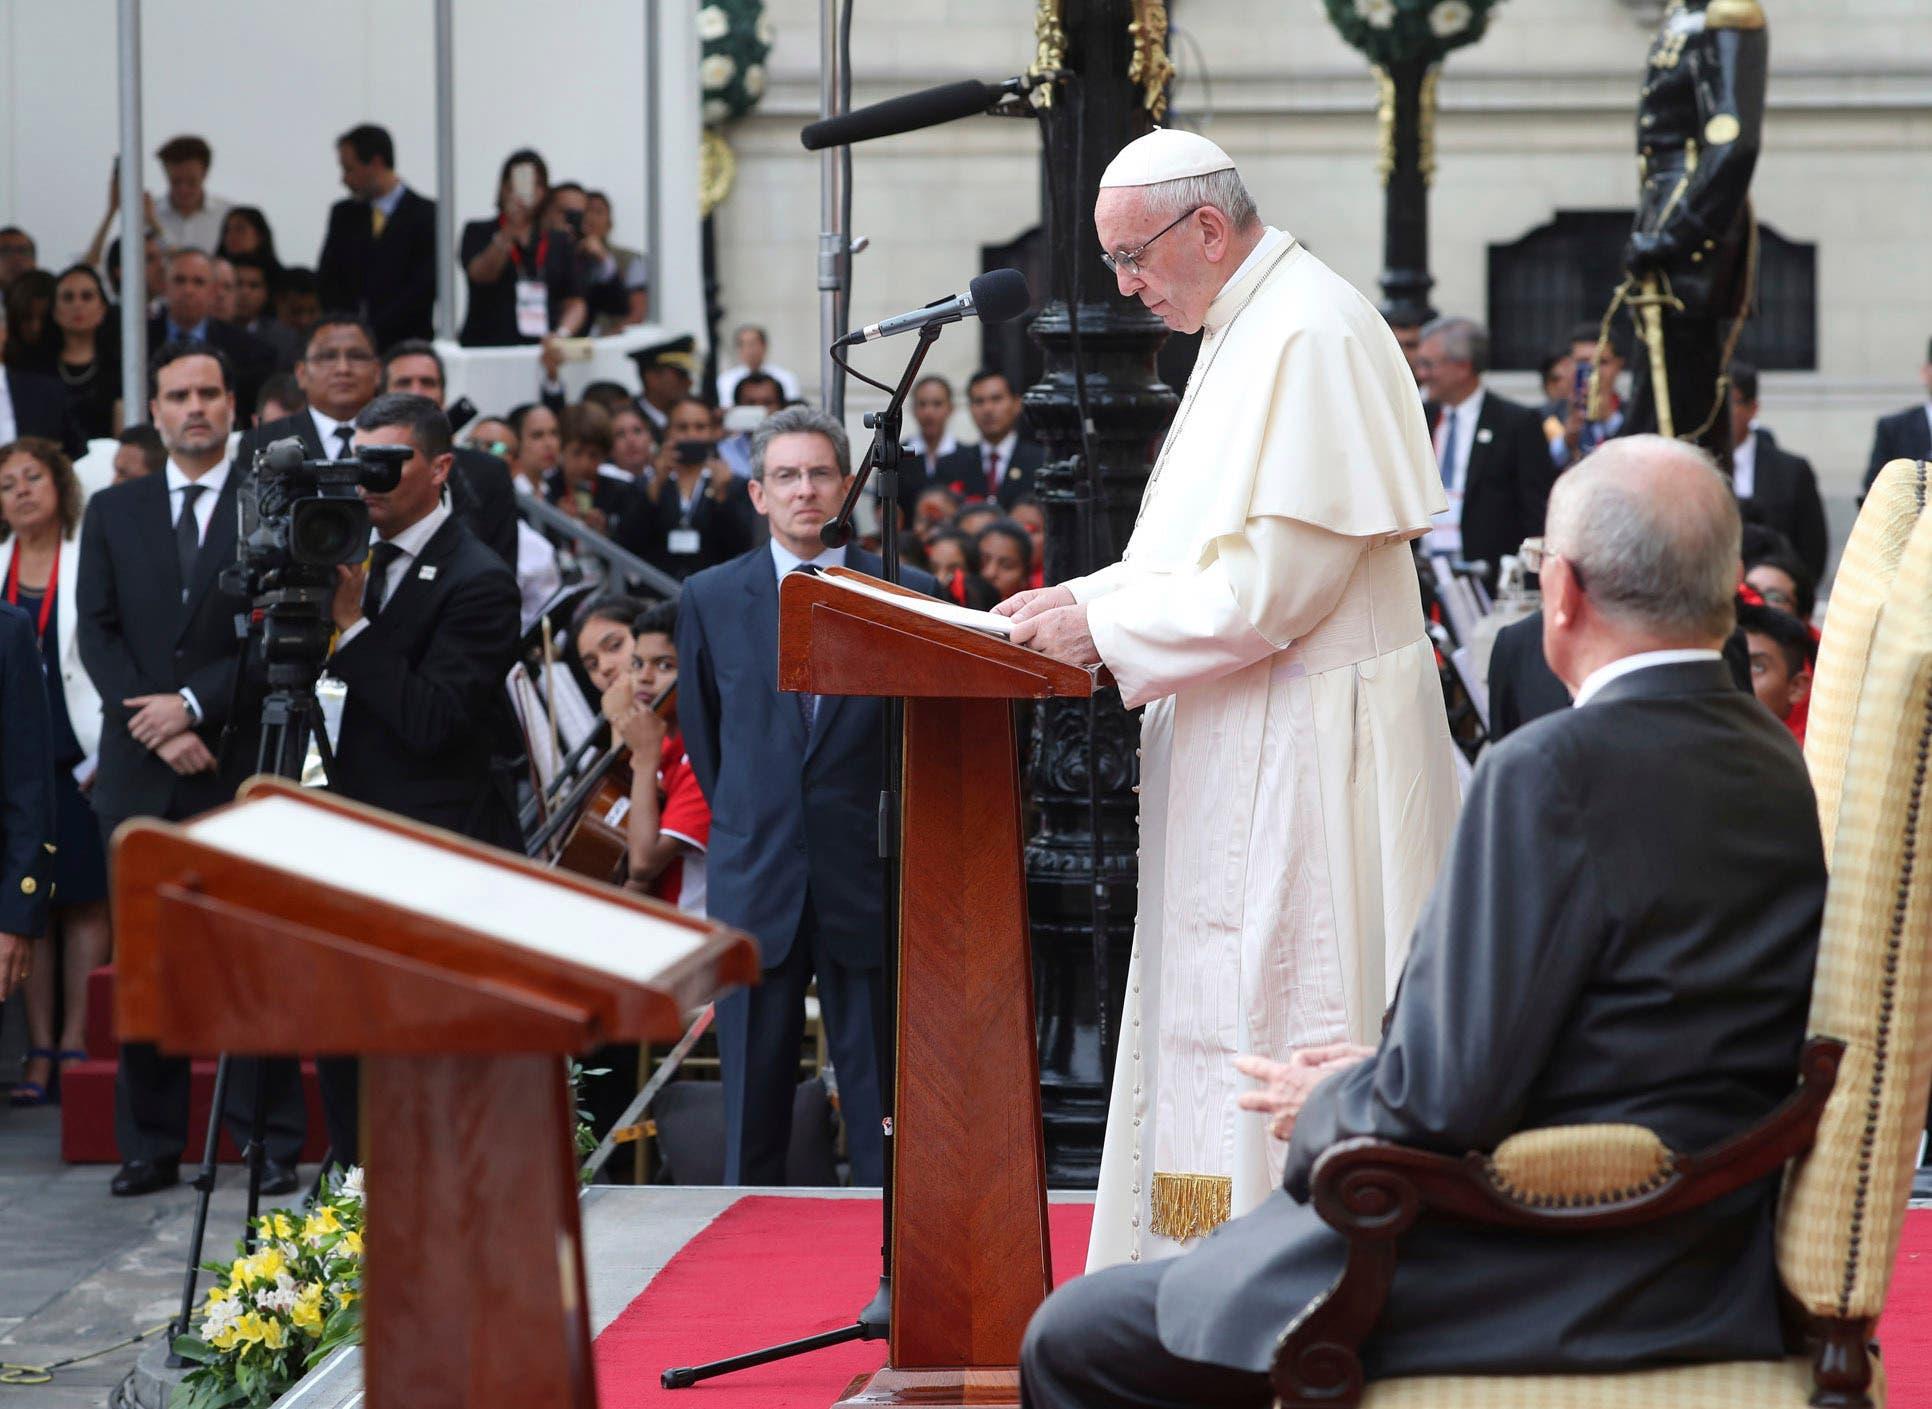 El Papa oficiará una misa y visitará uno de los vecindarios más afectados por El Niño en Perú